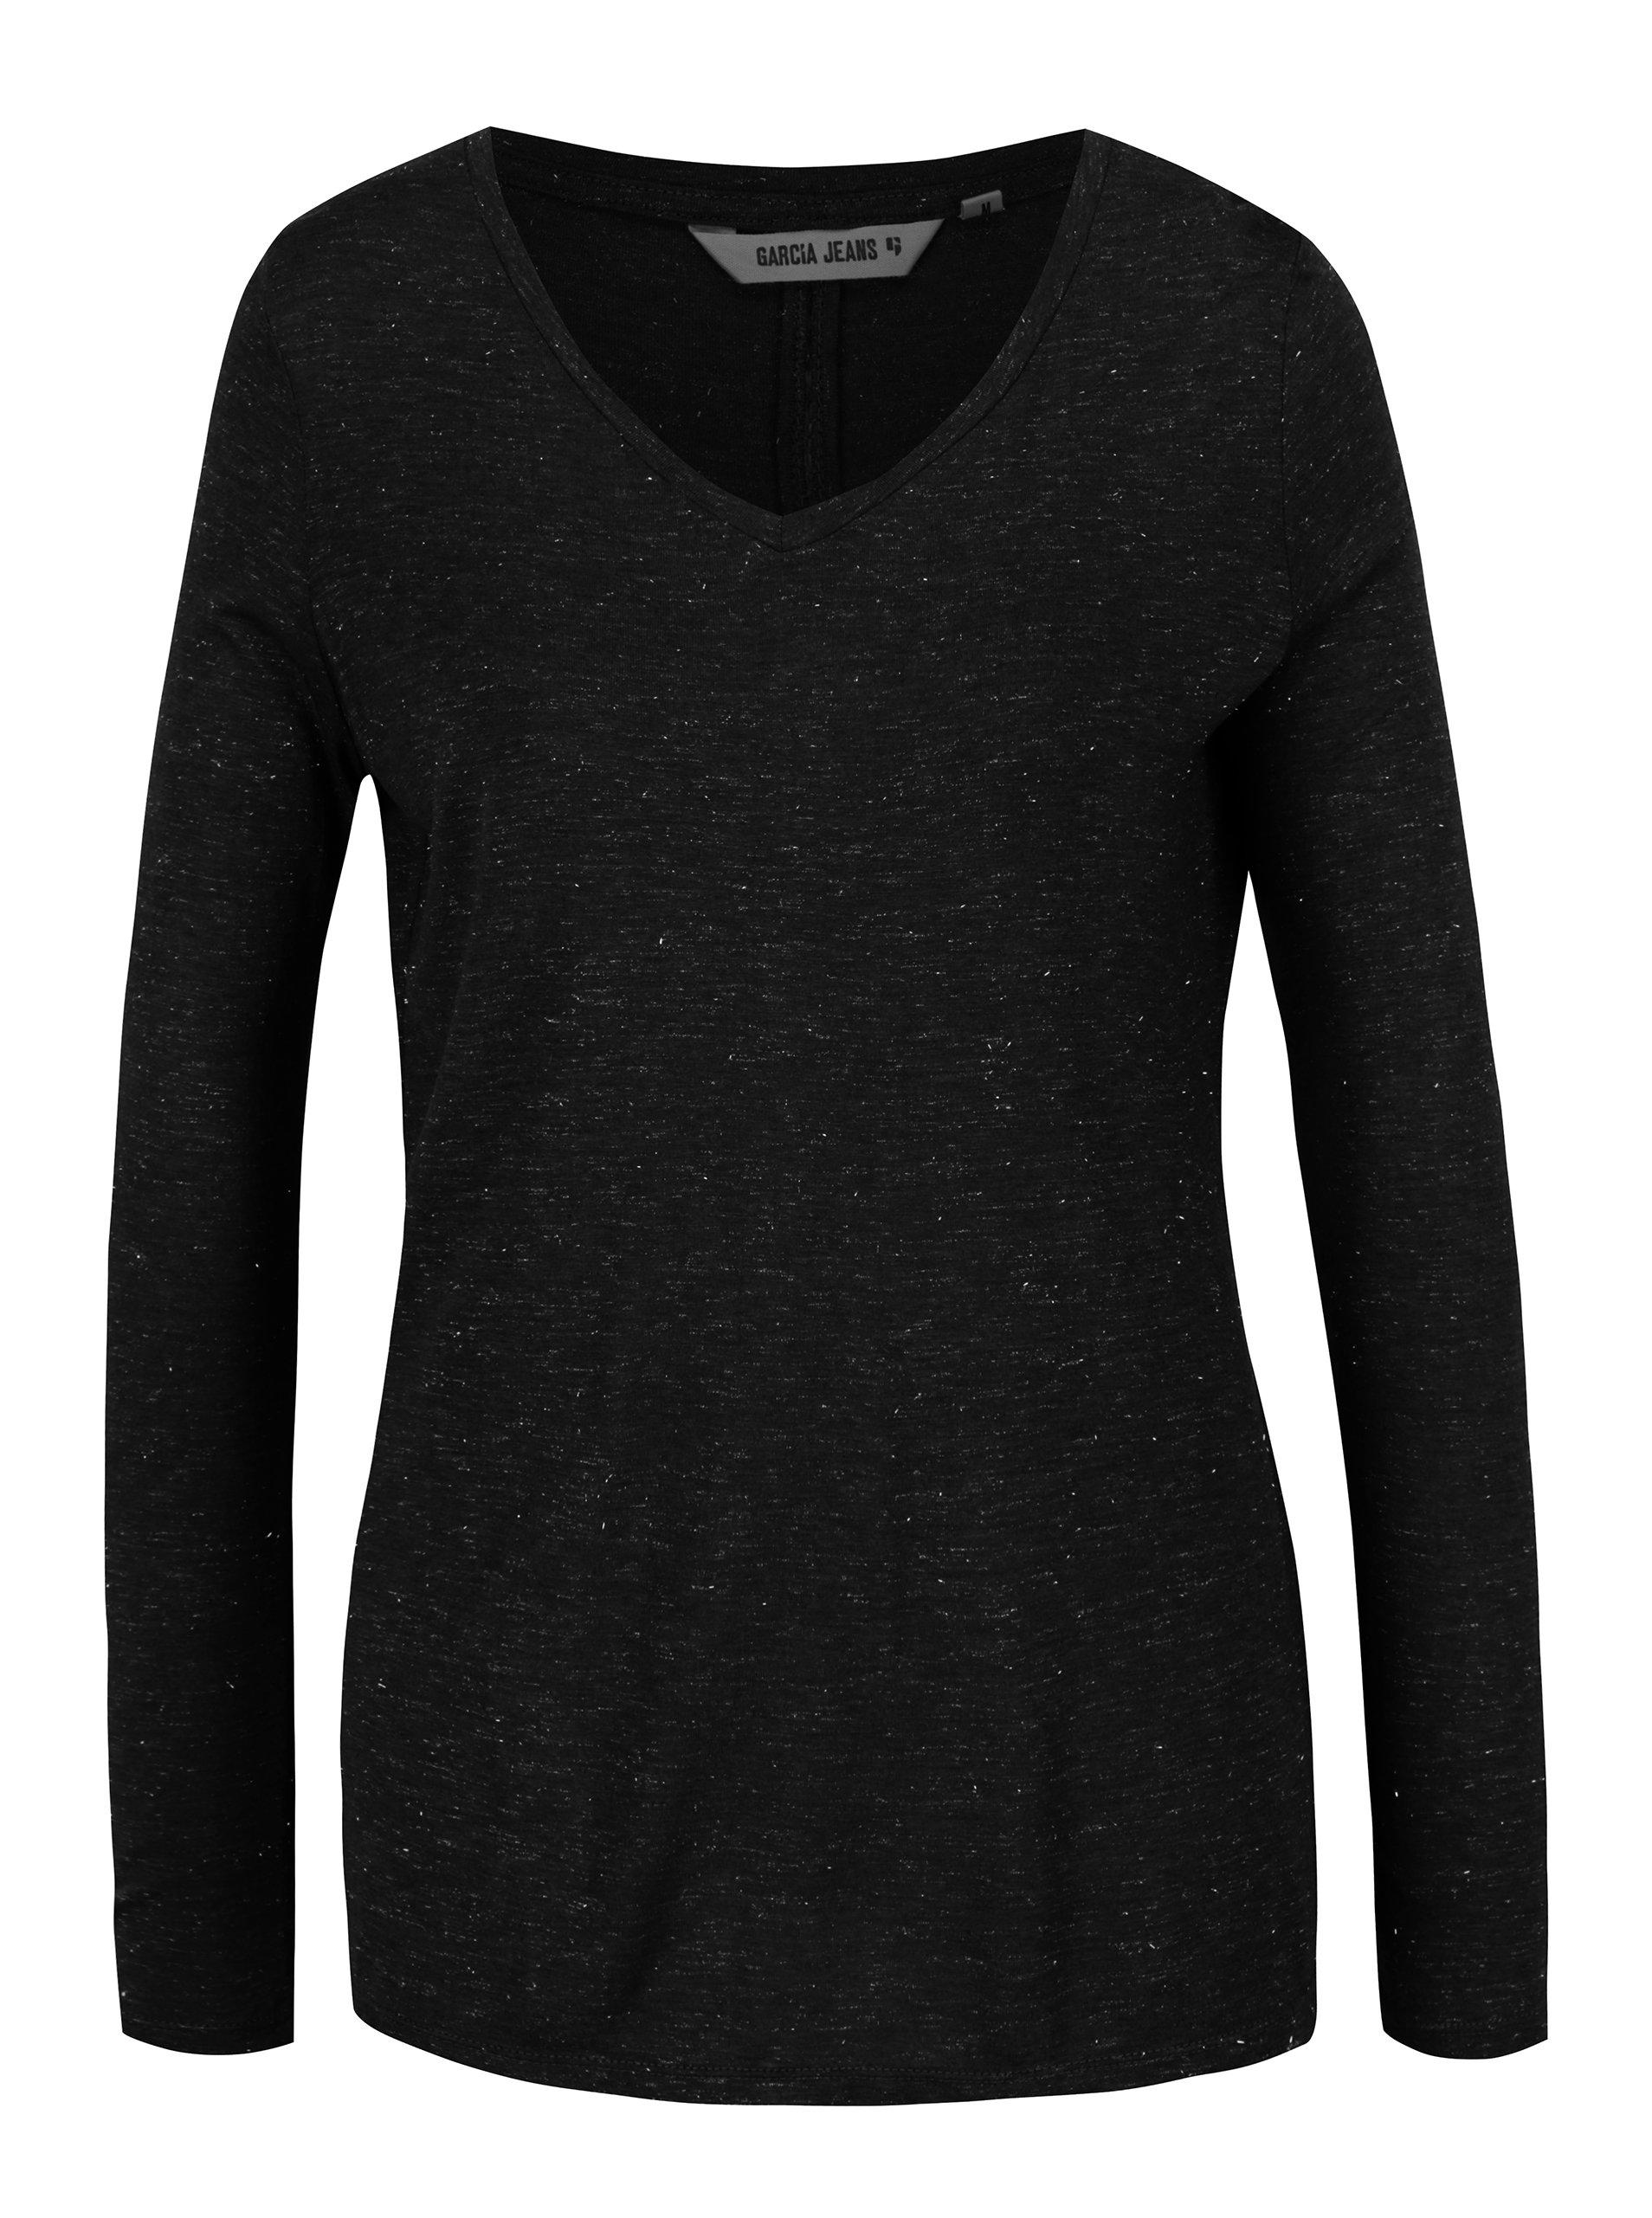 f52c2b2e9 Čierne dámske tričko s priesvitným detailom na chrbte Garcia Jeans ...